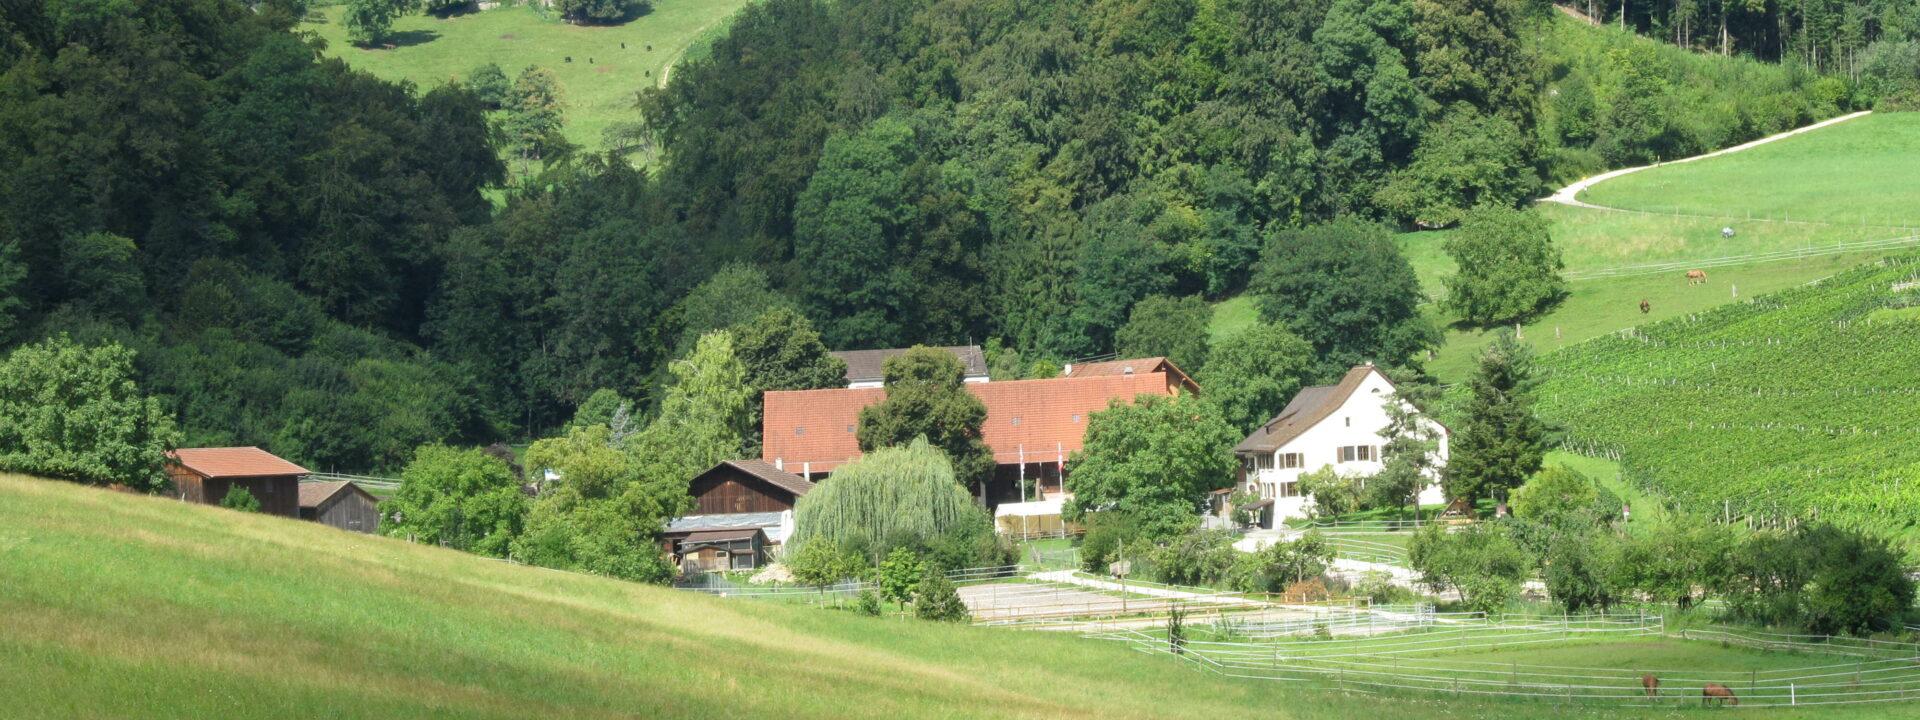 Klushof Koellreuter